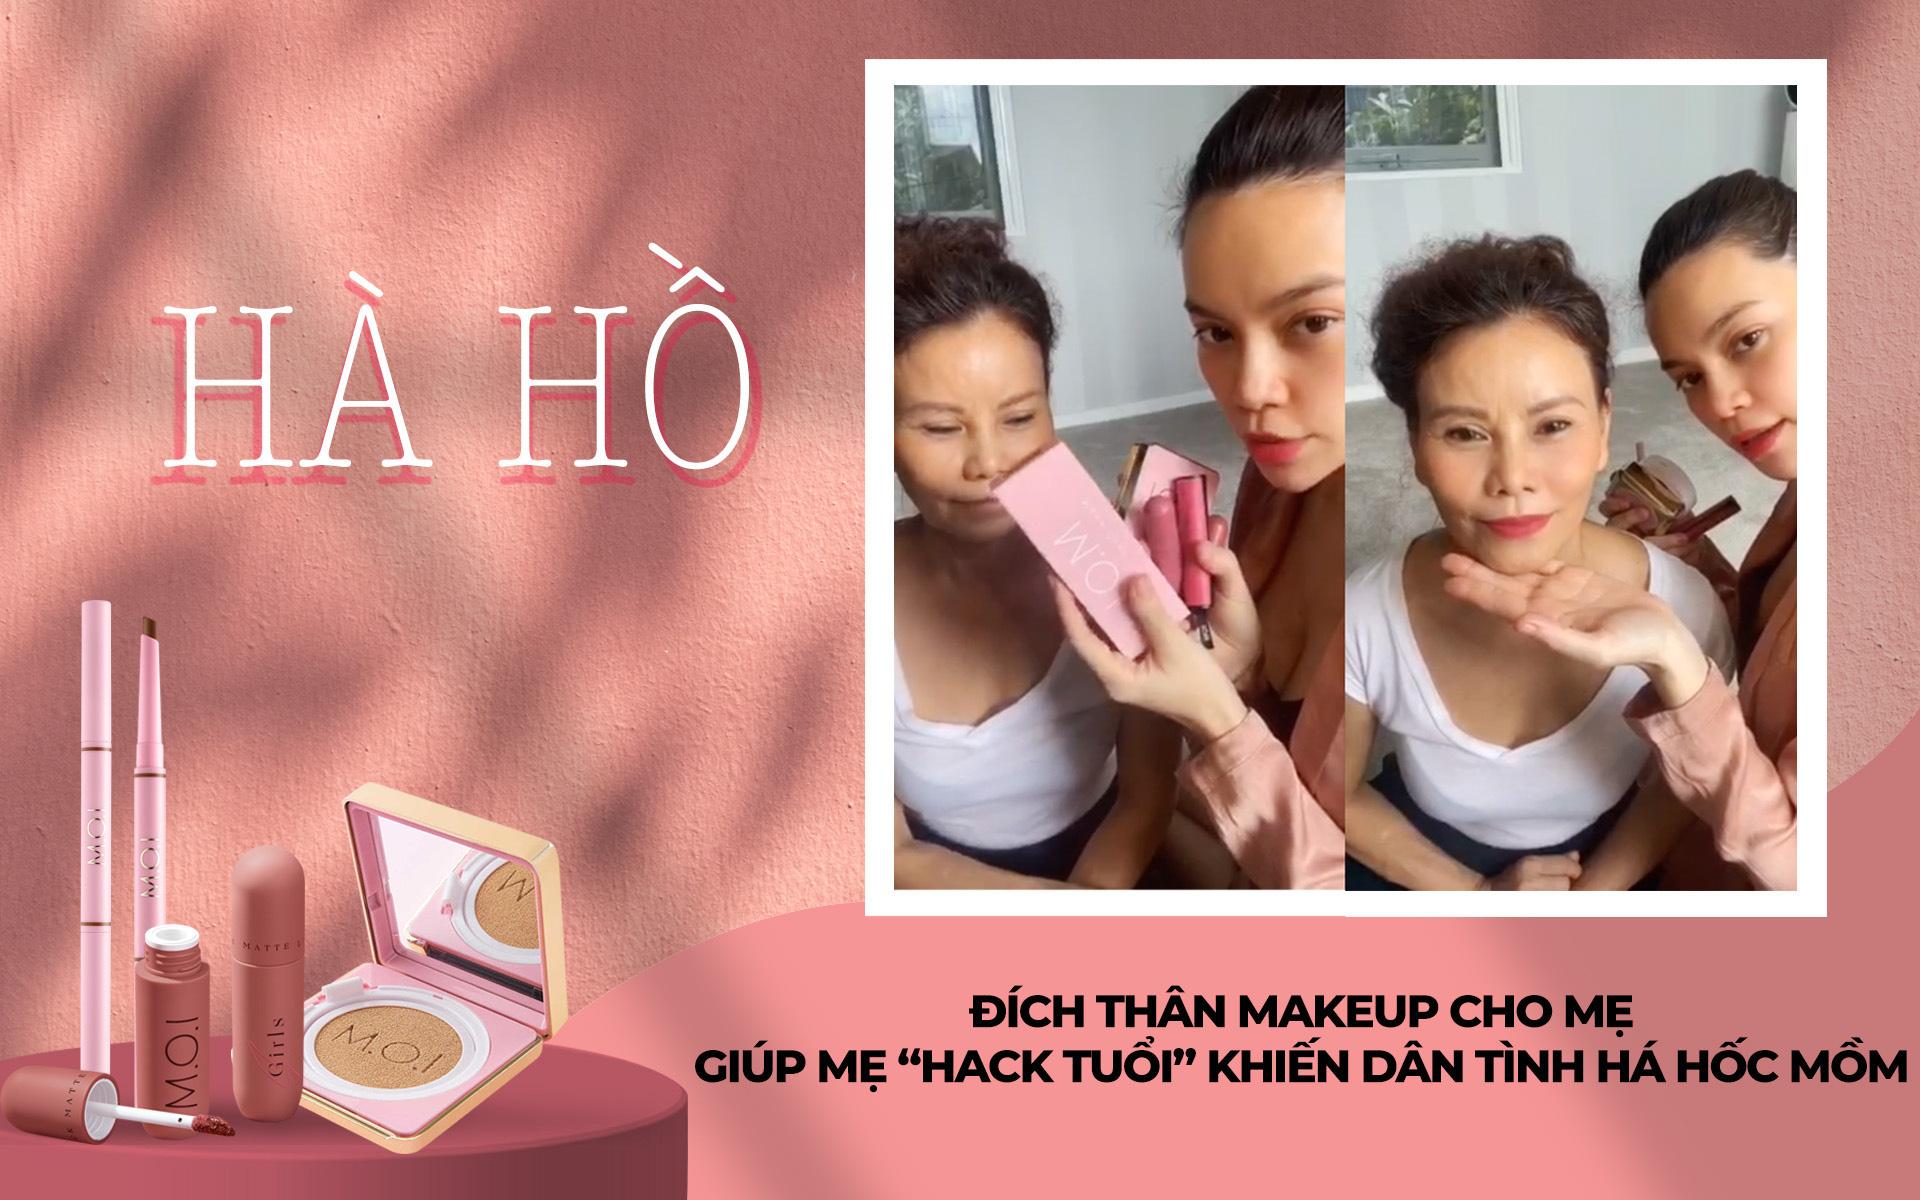 """Hà Hồ đích thân makeup cho mẹ, giúp mẹ """"hack tuổi"""" khiến dân tình há hốc mồm"""